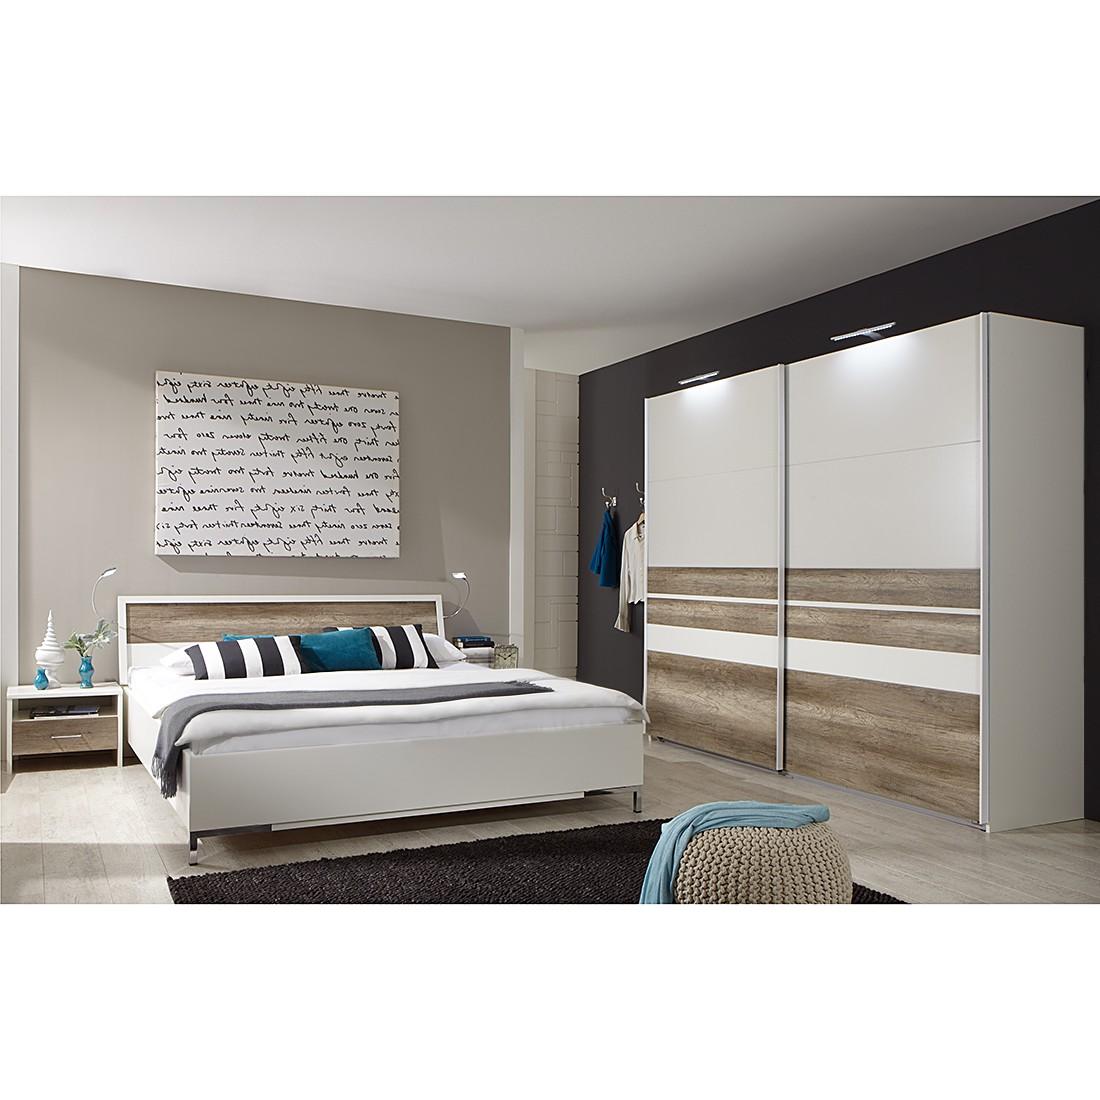 Schlafzimmerset Manu (4-teilig) - Alpinweiß/Wildeiche Dekor (Liegefläche: 160 x 200 cm)